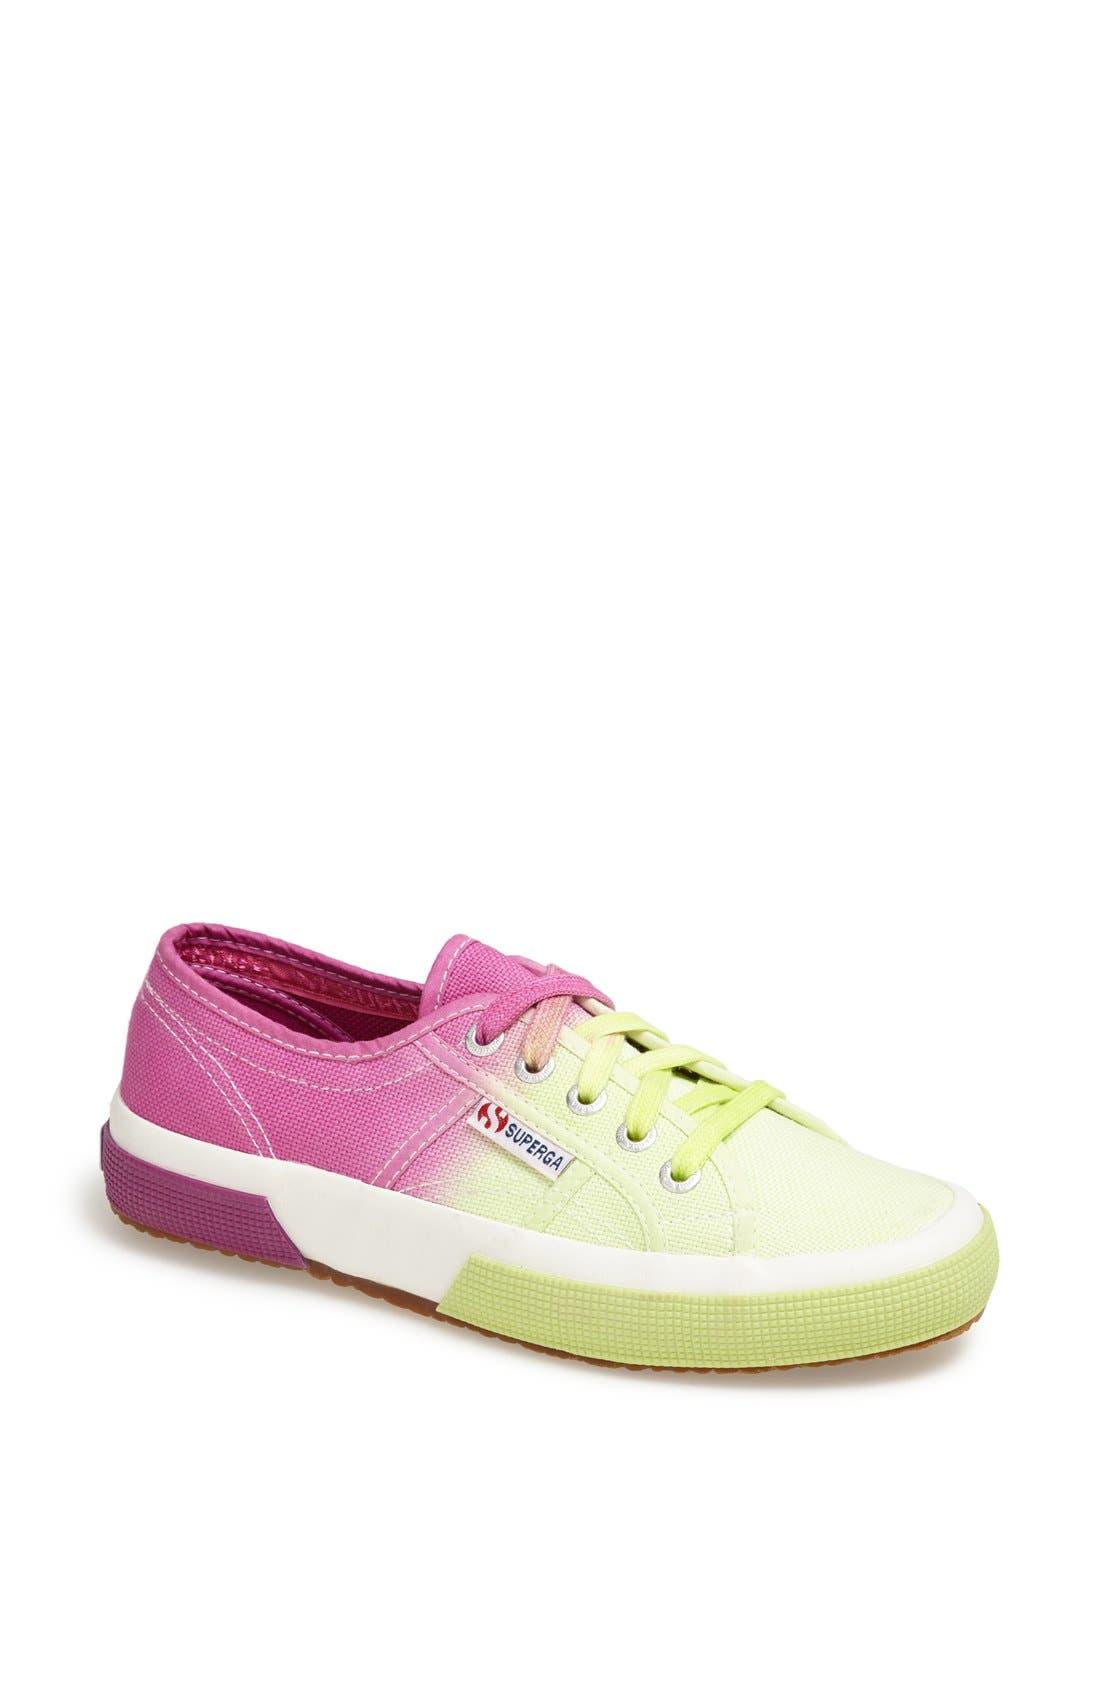 Alternate Image 1 Selected - Superga 'Cotu - Shade' Sneaker (Women)